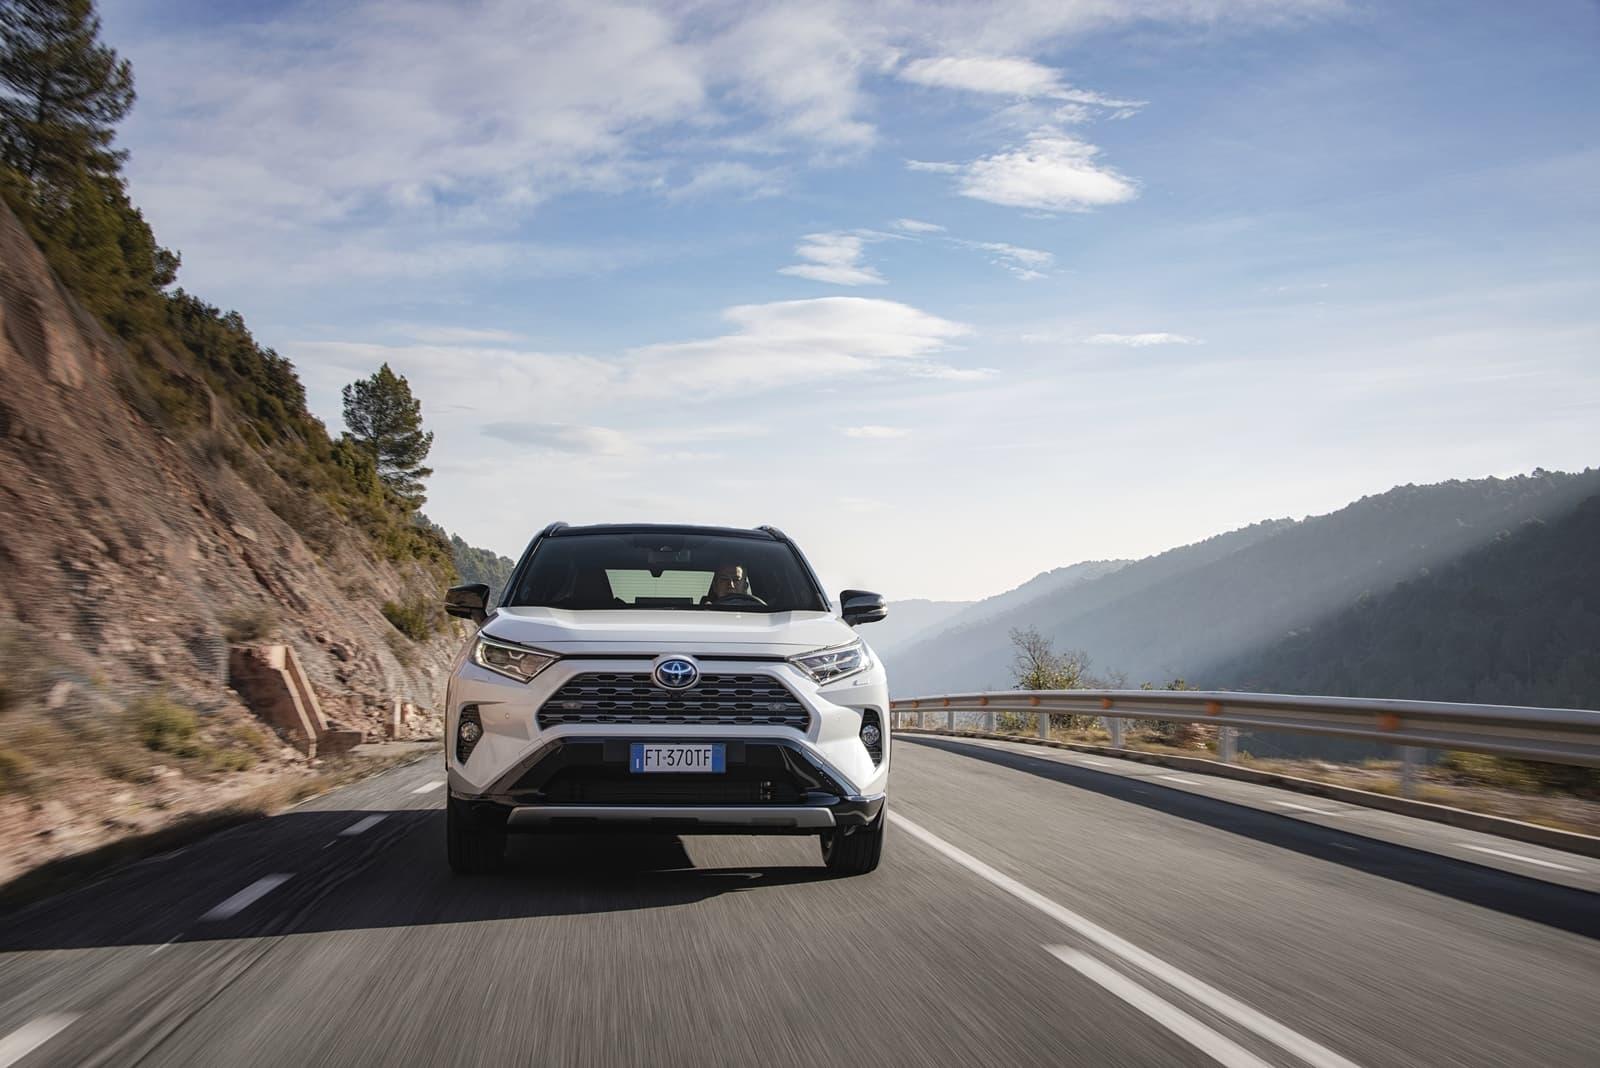 Toyota Rav4 2019 0119 058